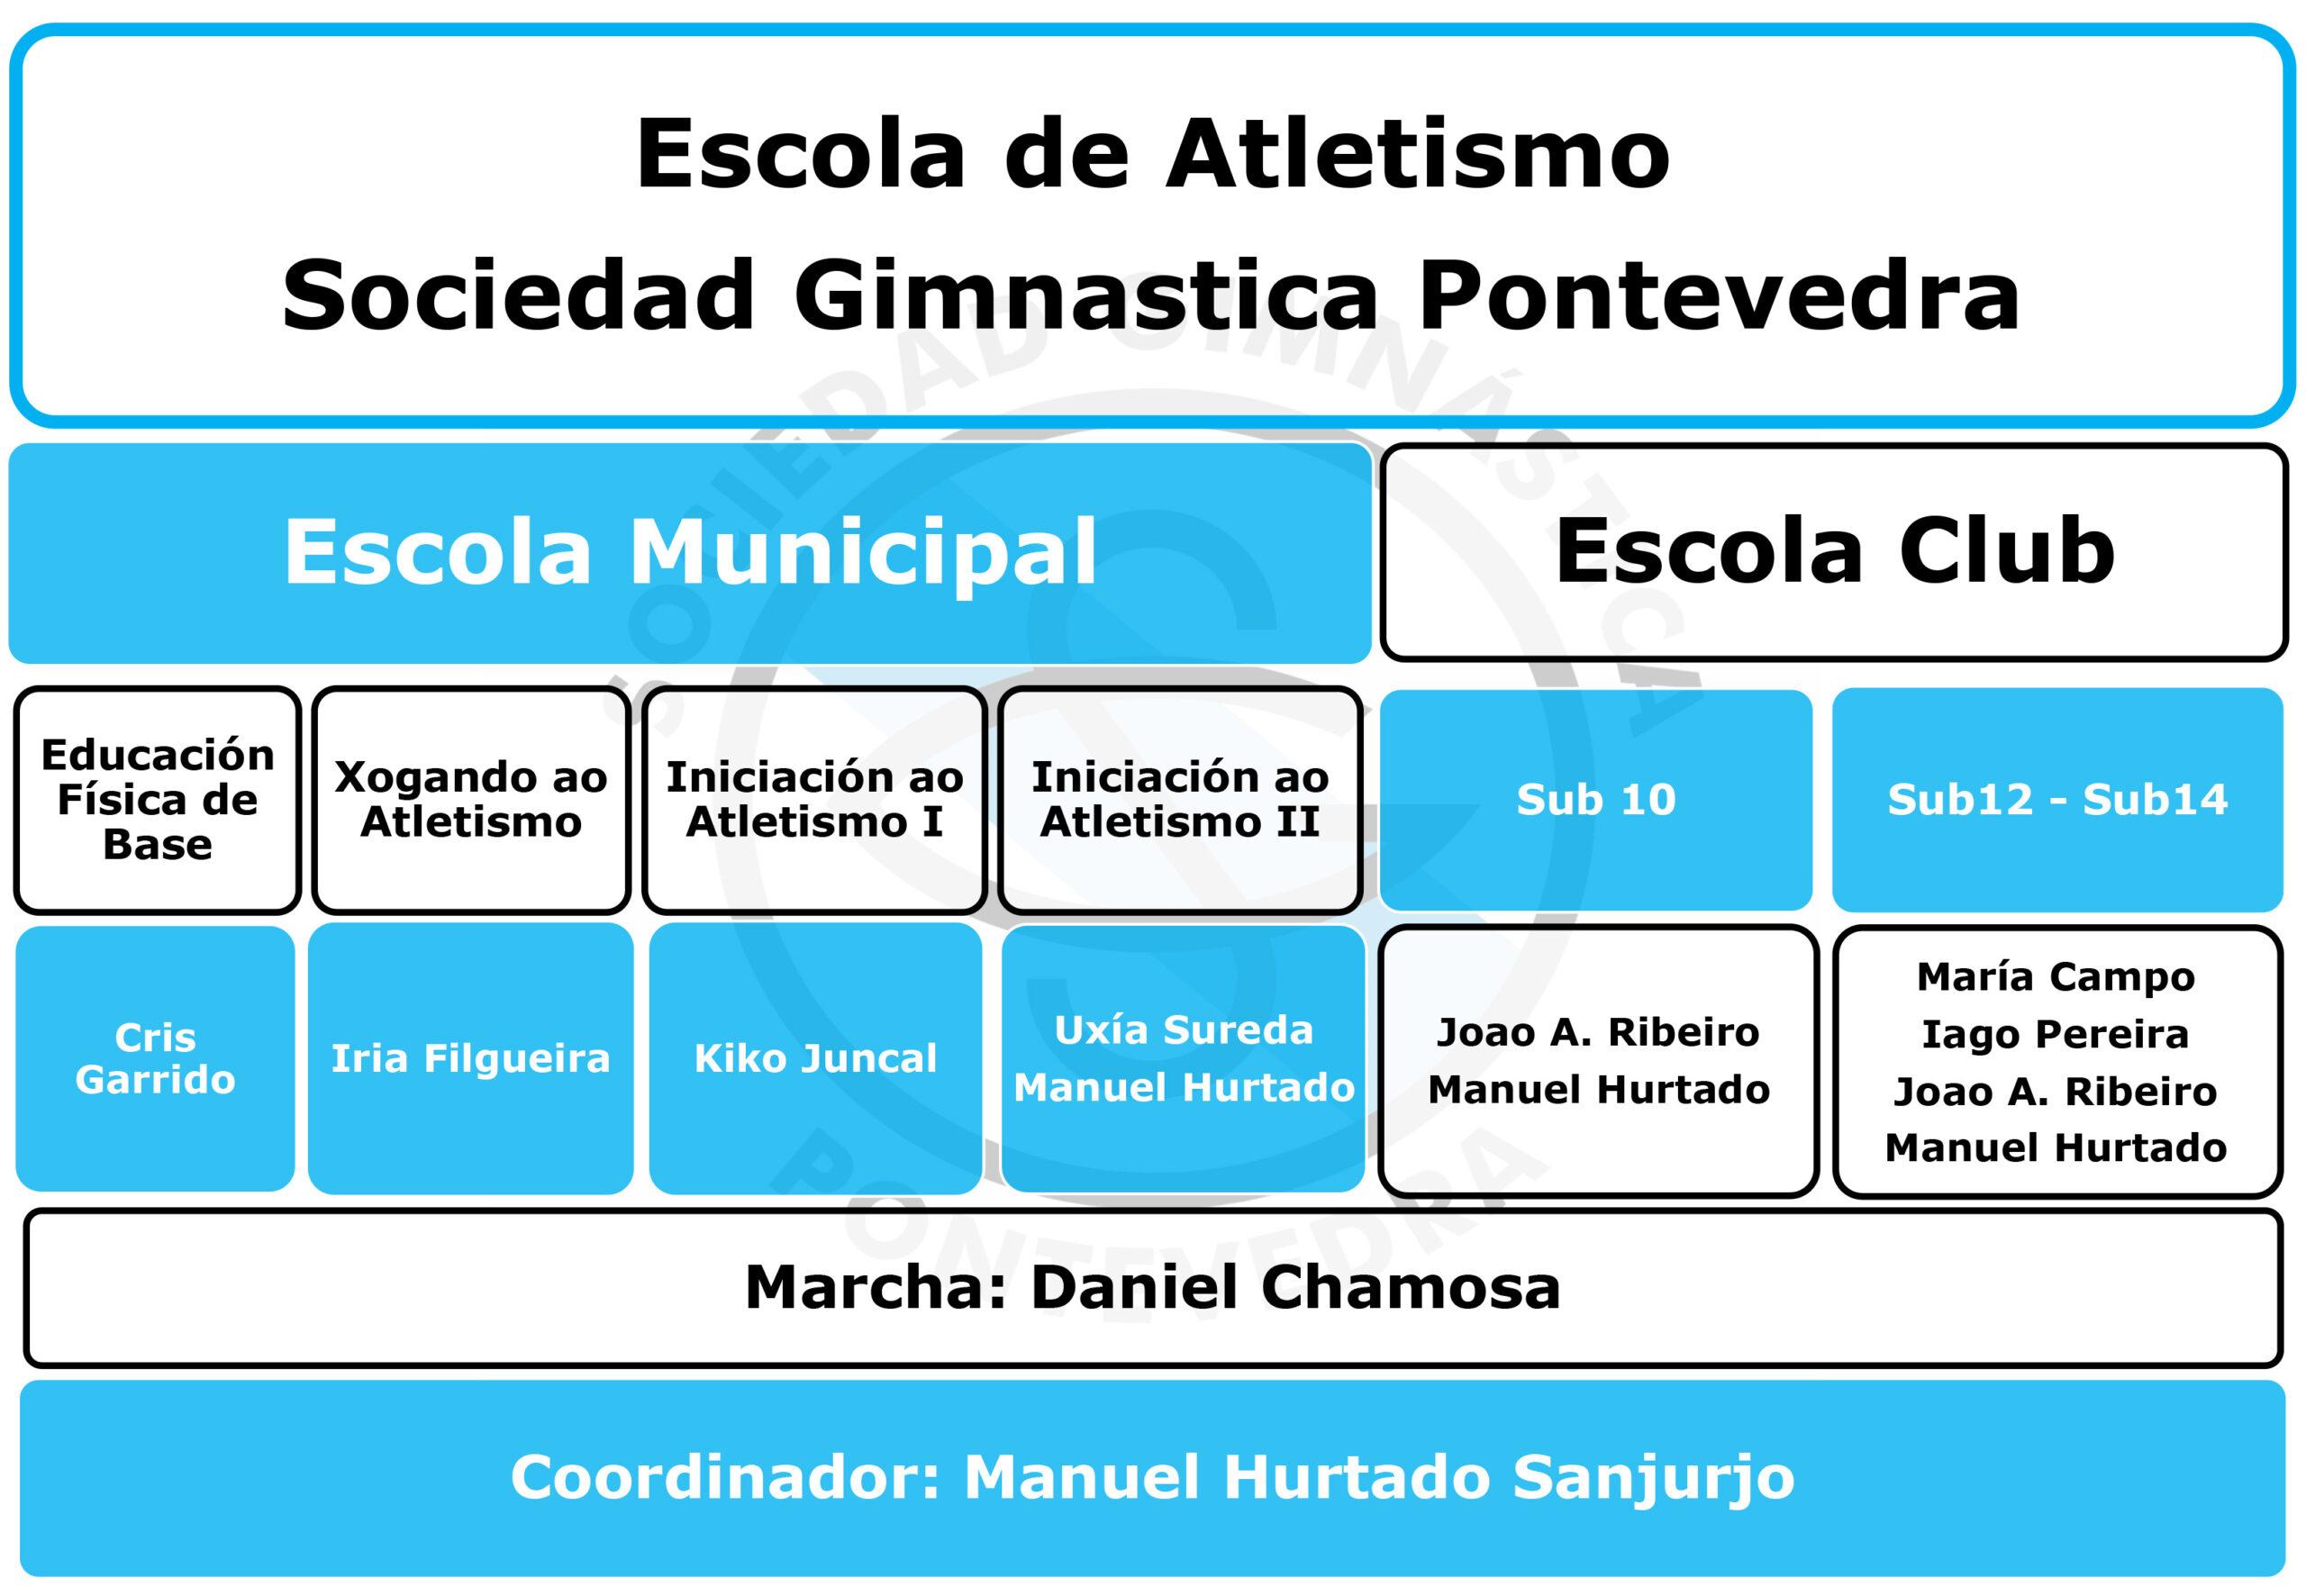 Entrenadores escuelas Sociedad Gimnástica de Pontevedra